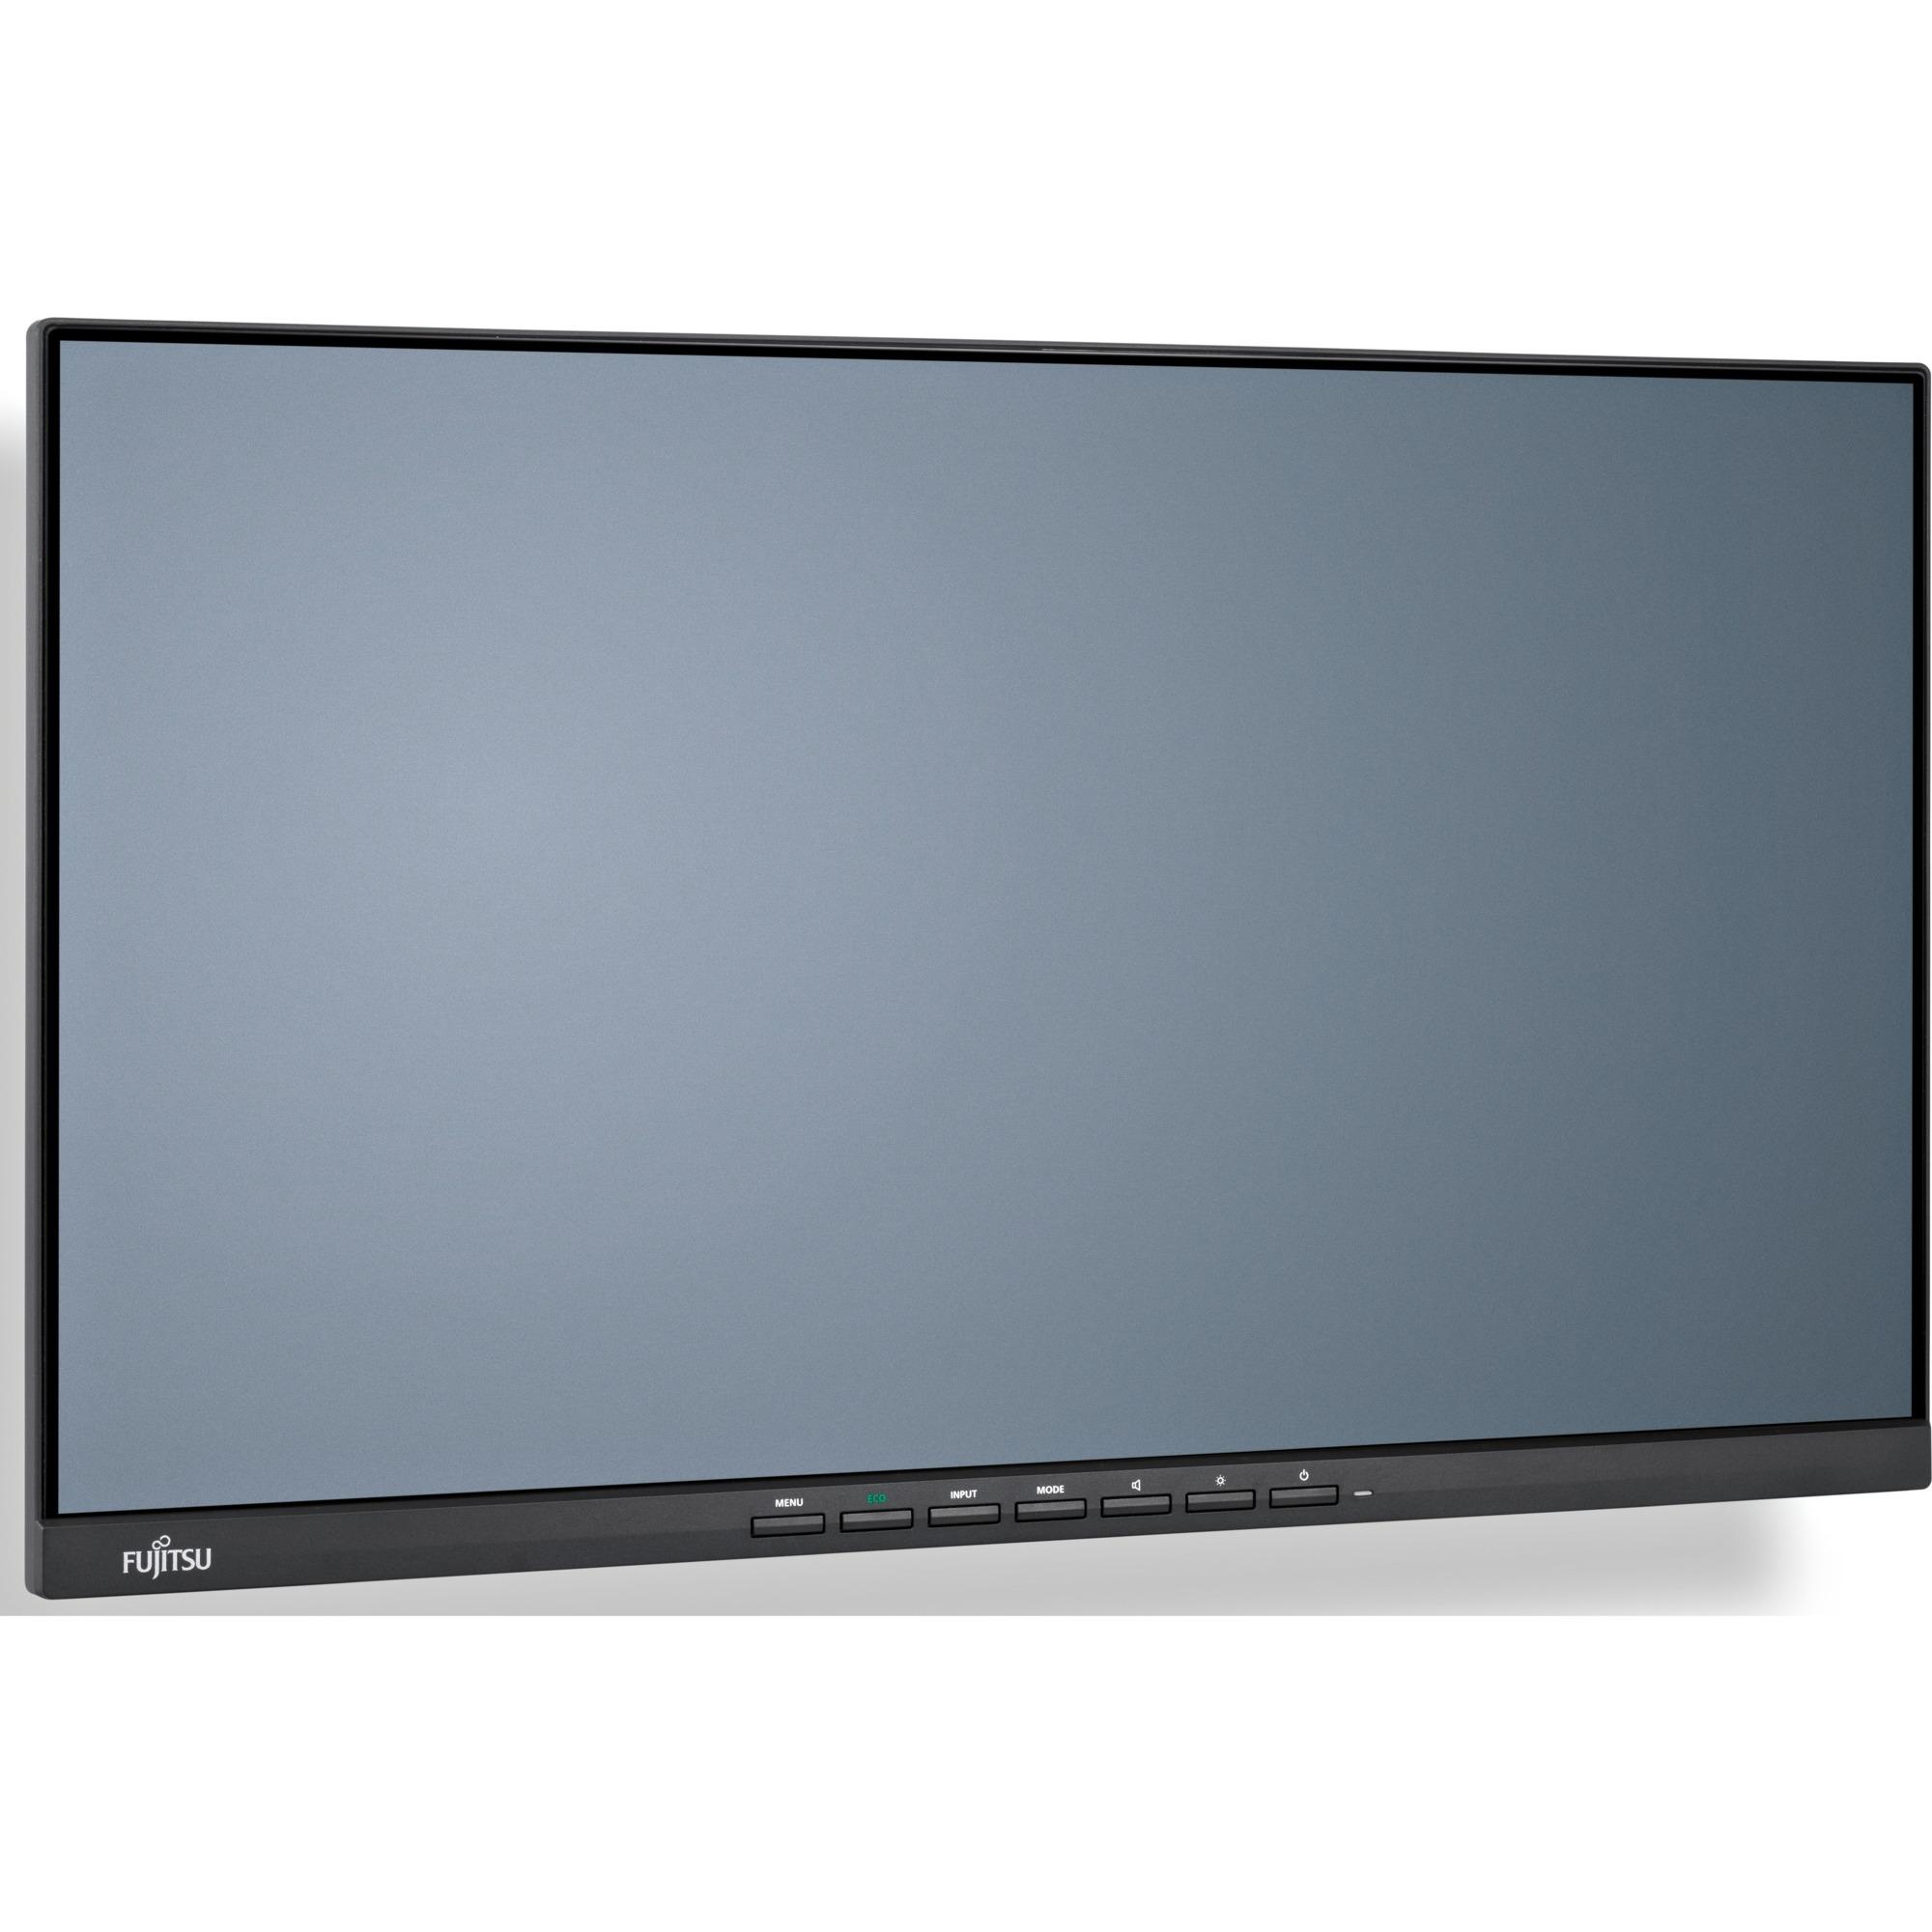 """E24-9 TOUCH pantalla para PC 60,5 cm (23.8"""") 1920 x 1080 Pixeles Full HD LED Plana Negro, Monitor LED"""